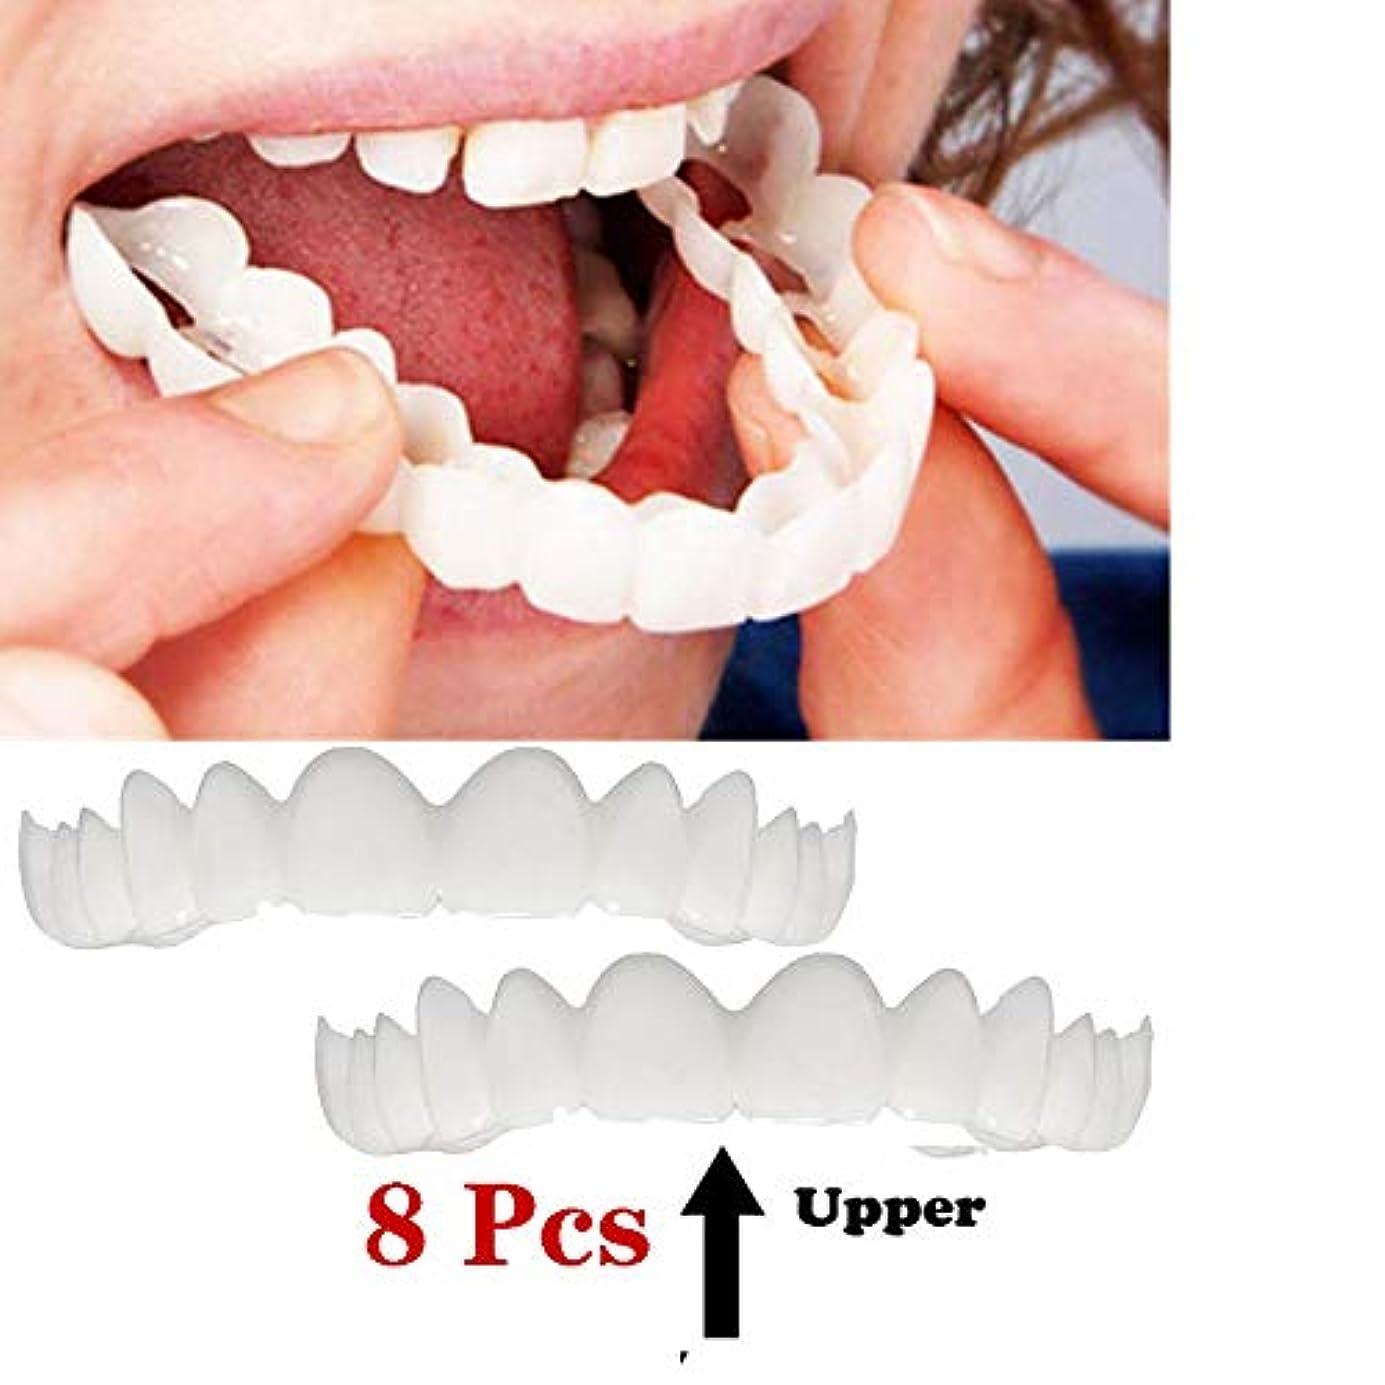 欠如好意残り8ピース突き板歯仮化粧品歯義歯歯模擬ブレースアッパーブレースホワイトニング歯スナップキャップインスタント快適なフレックスパーフェクトベニア